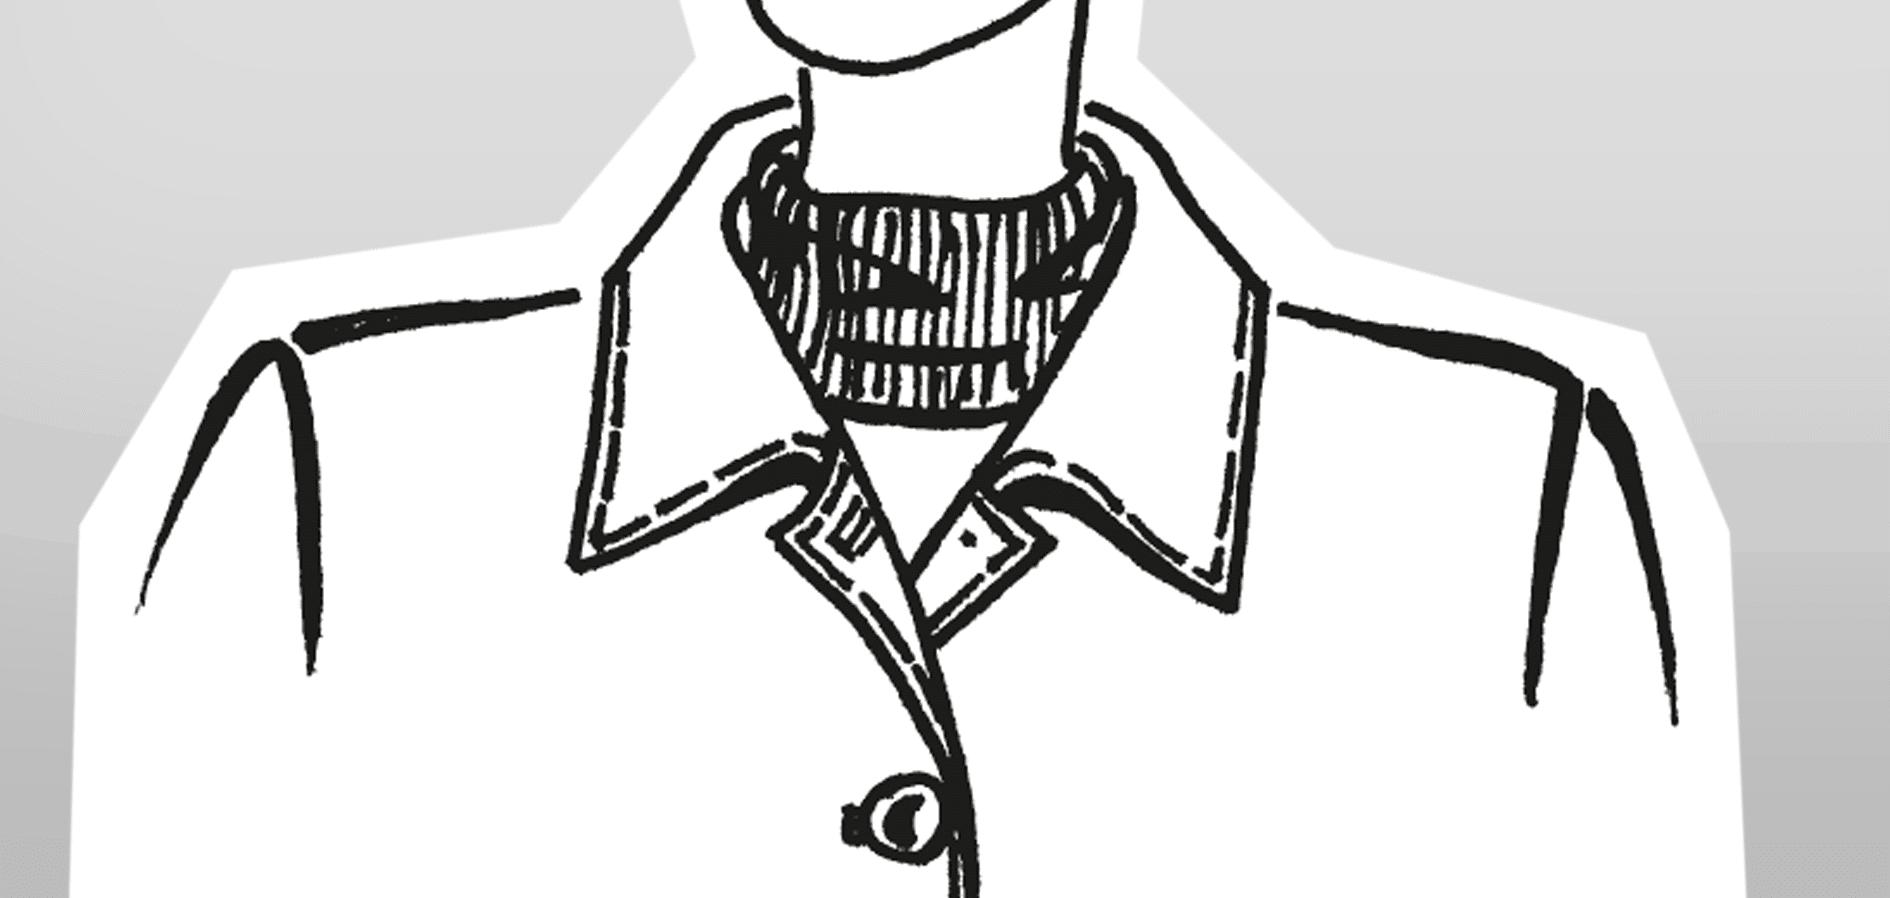 Zu sehen ist die technische Zeichnung eines Liegekragens mit Winkelkonstruktion aufgestellt.